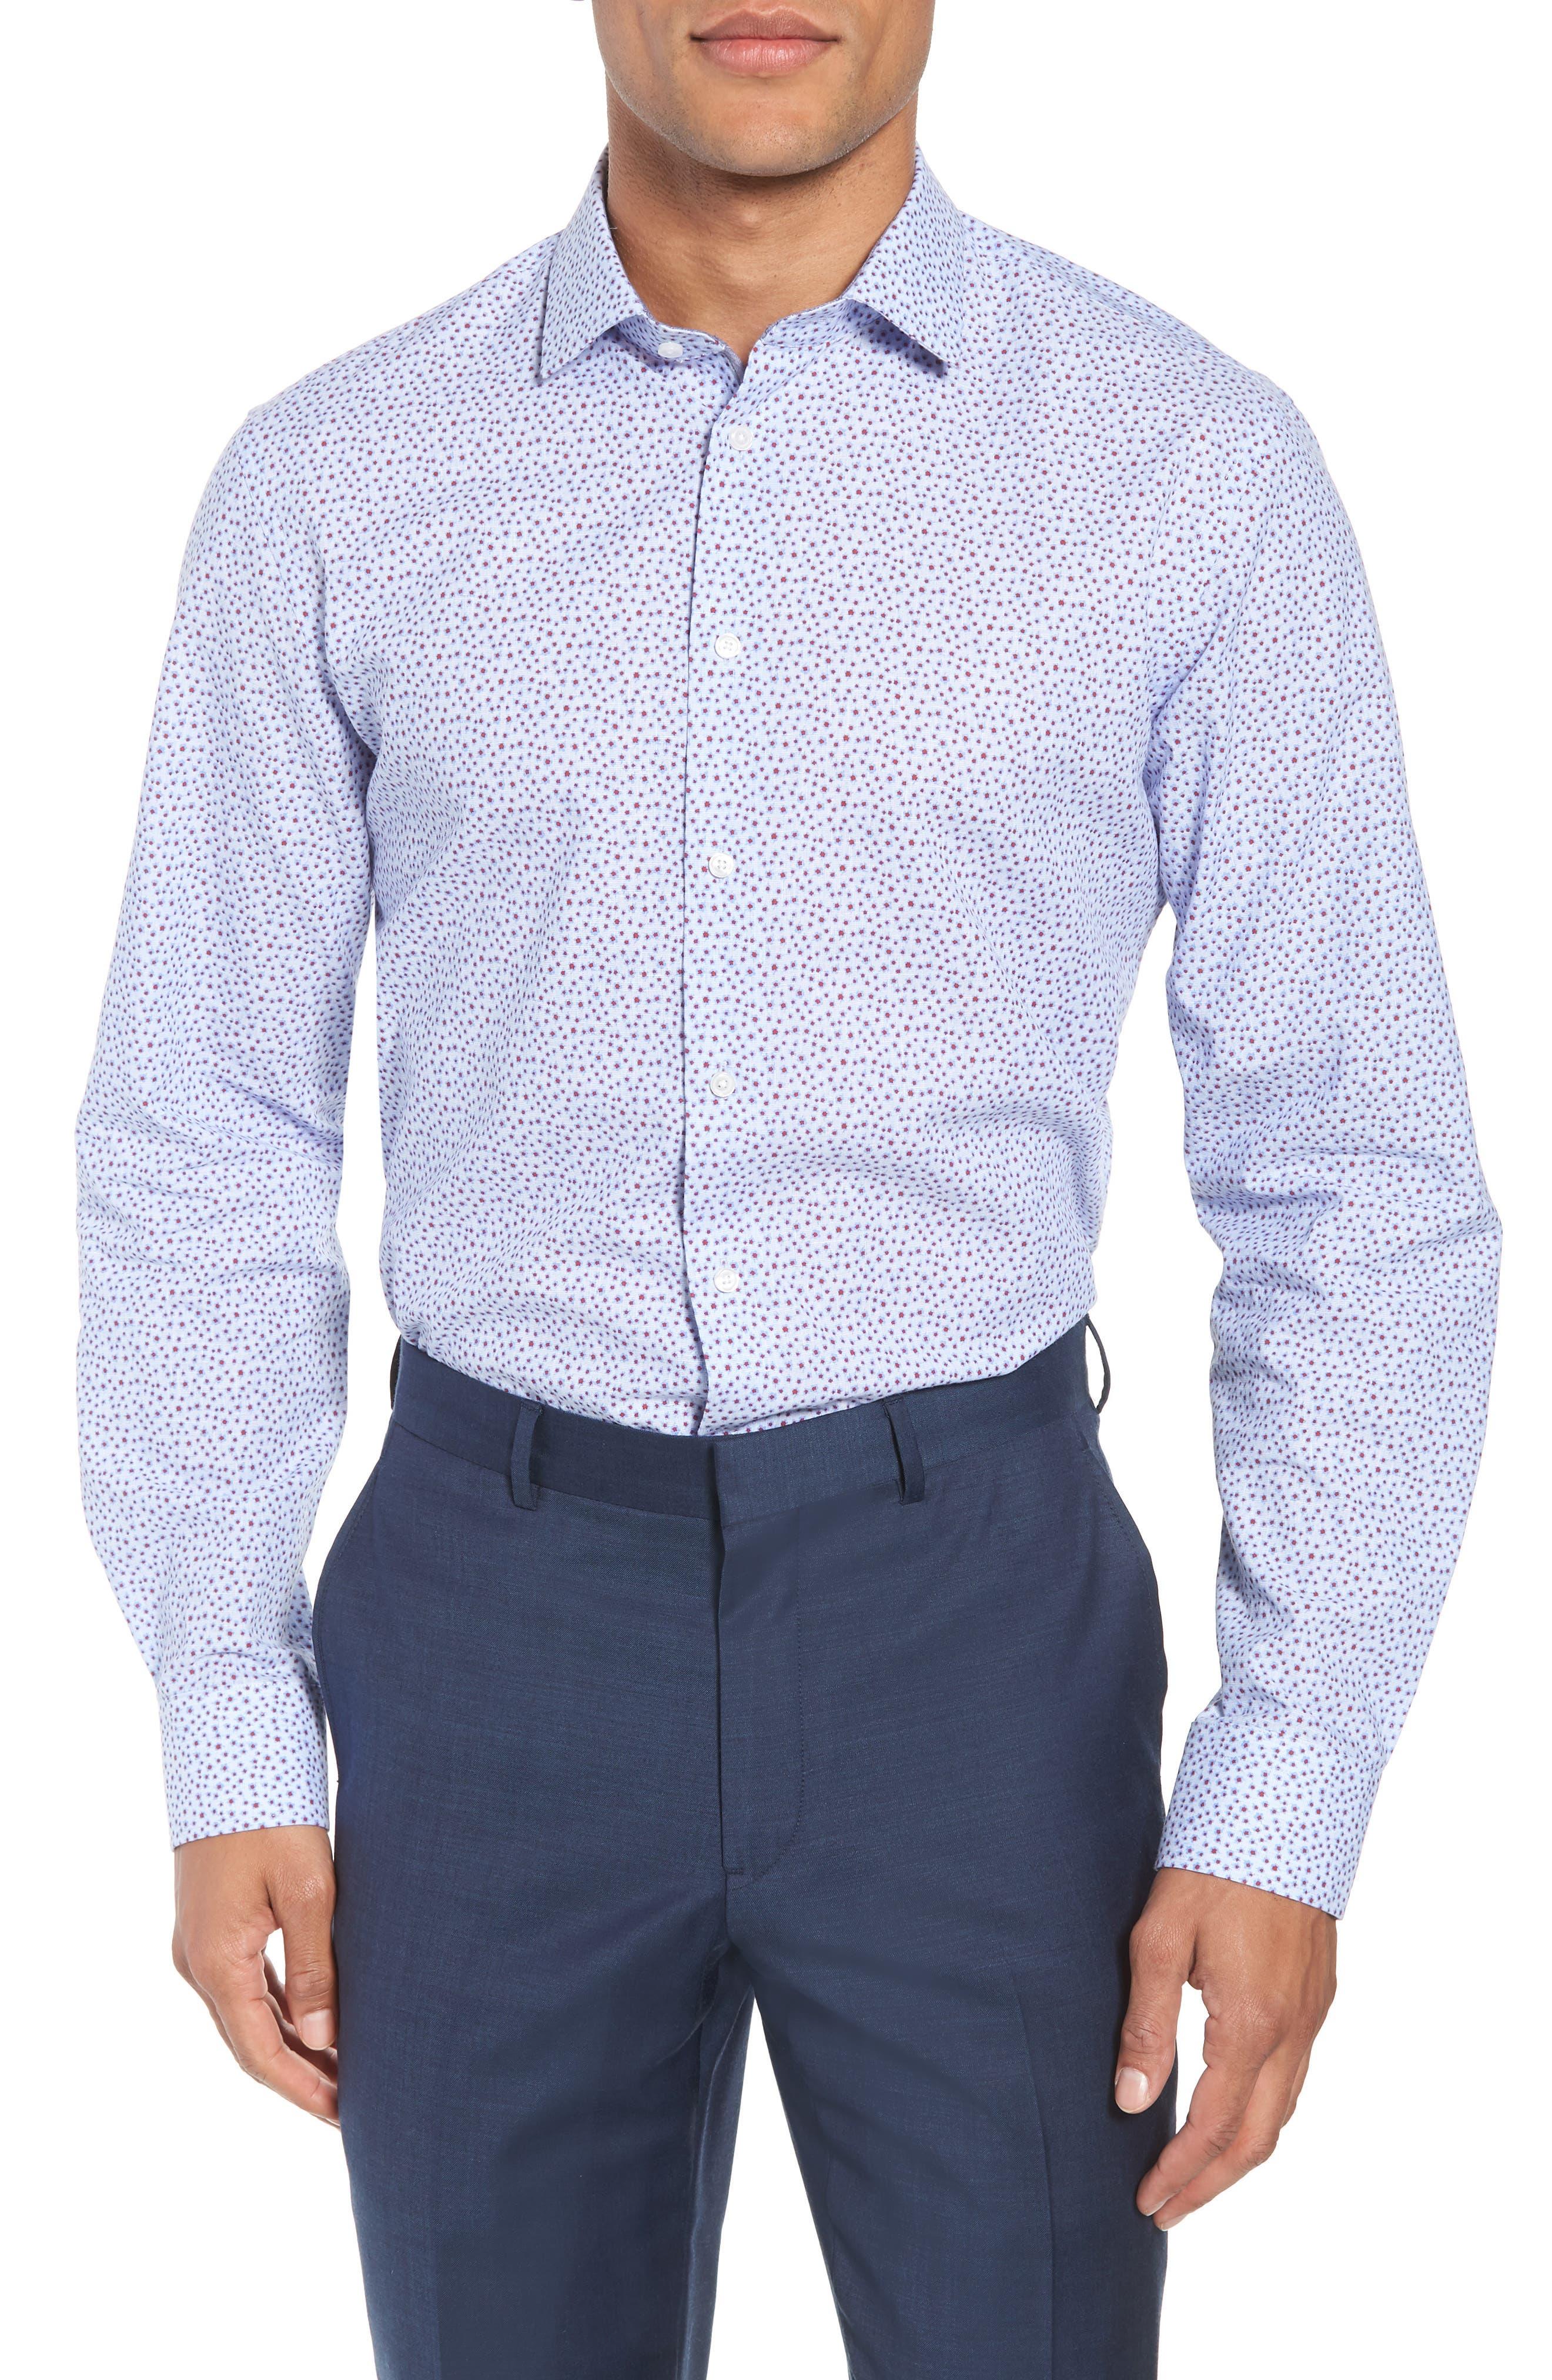 Calibrate Trim Fit Print Cotton & Linen Dress Shirt